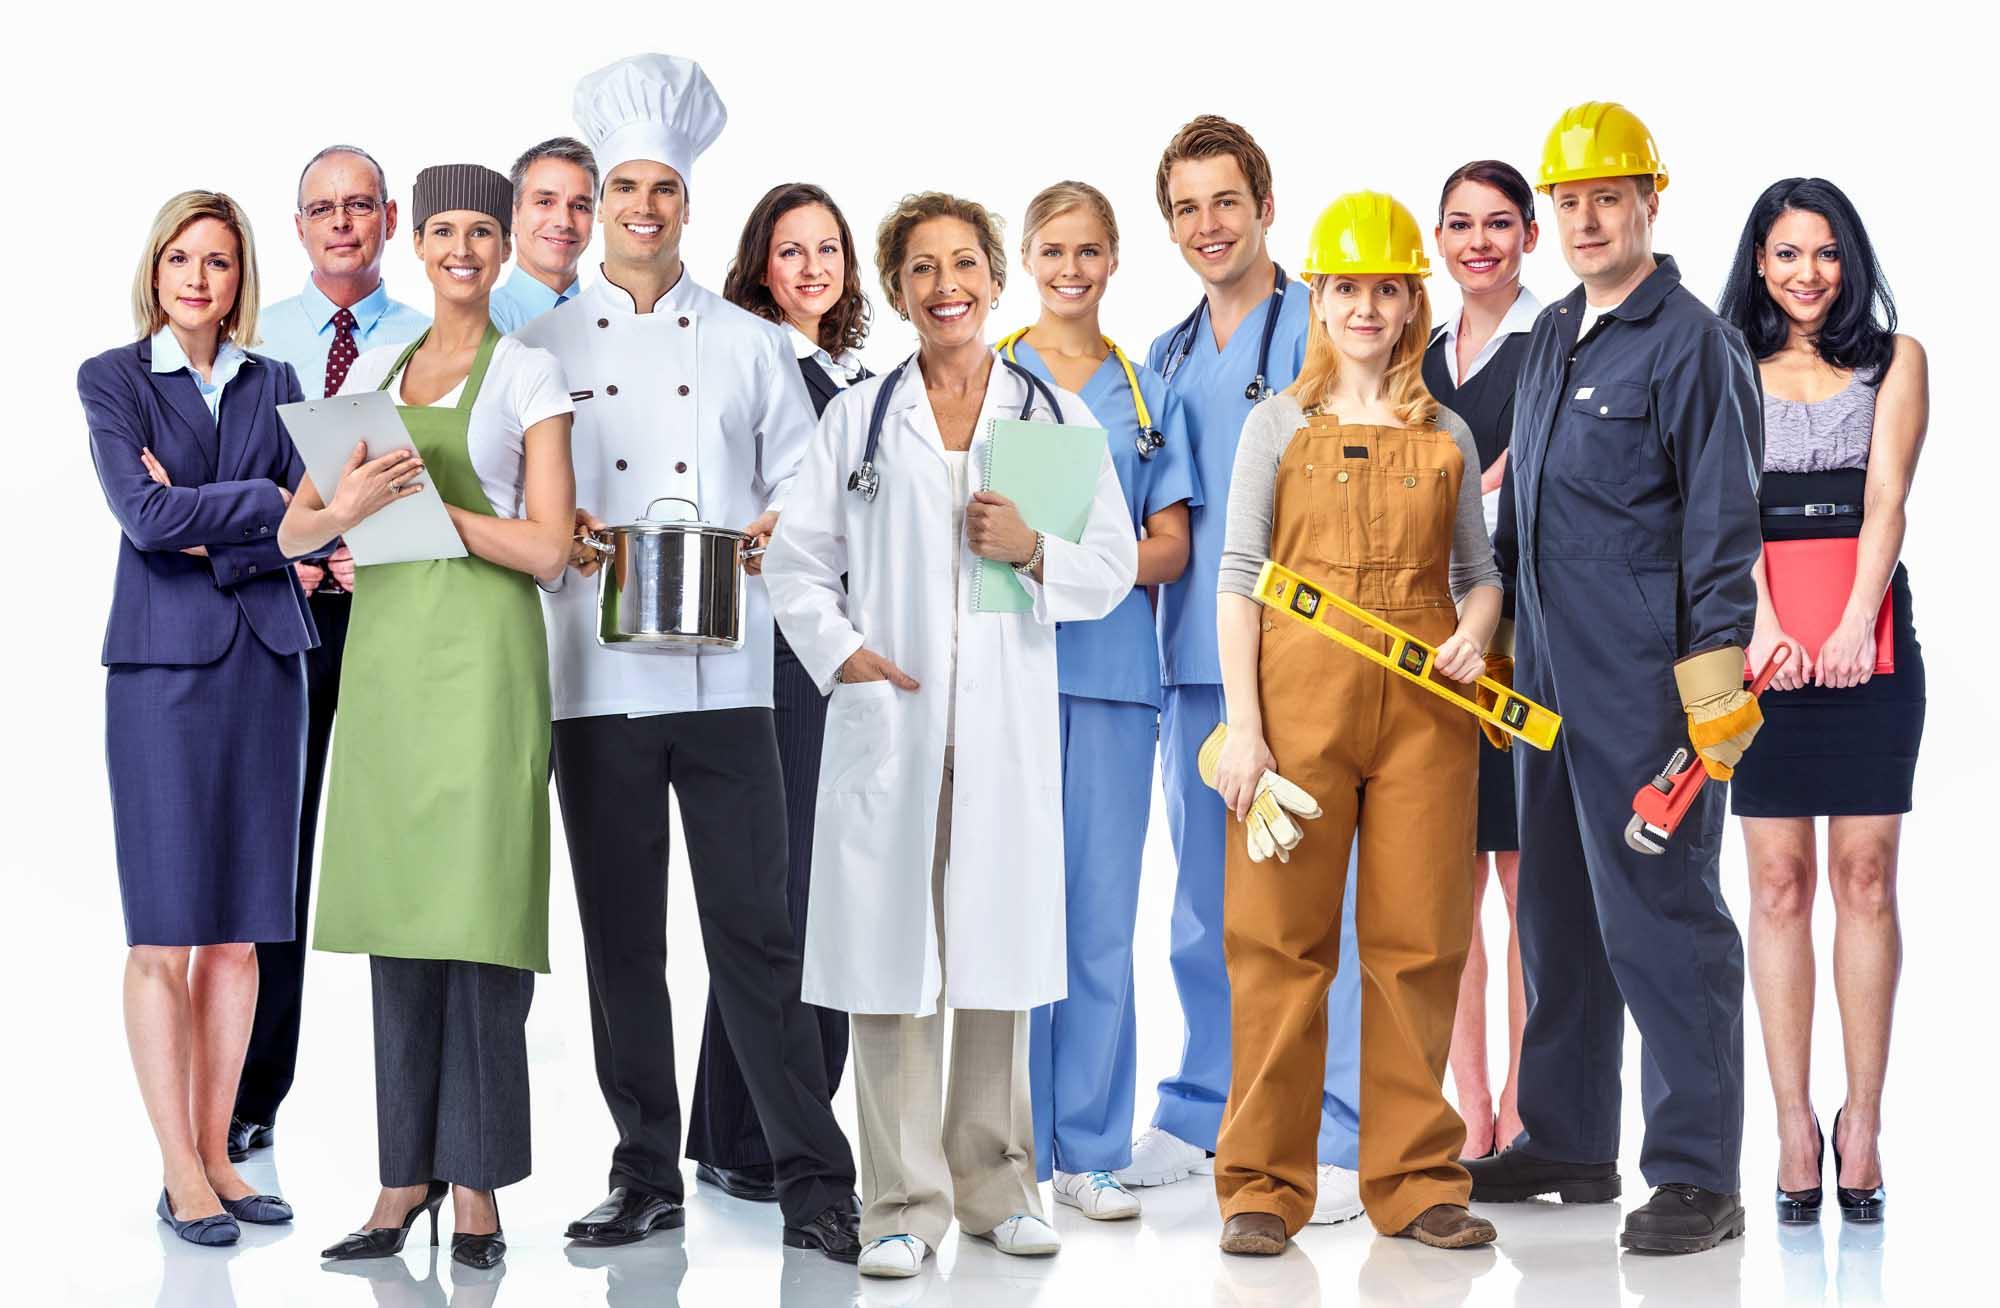 pasos para contratar a autonomos